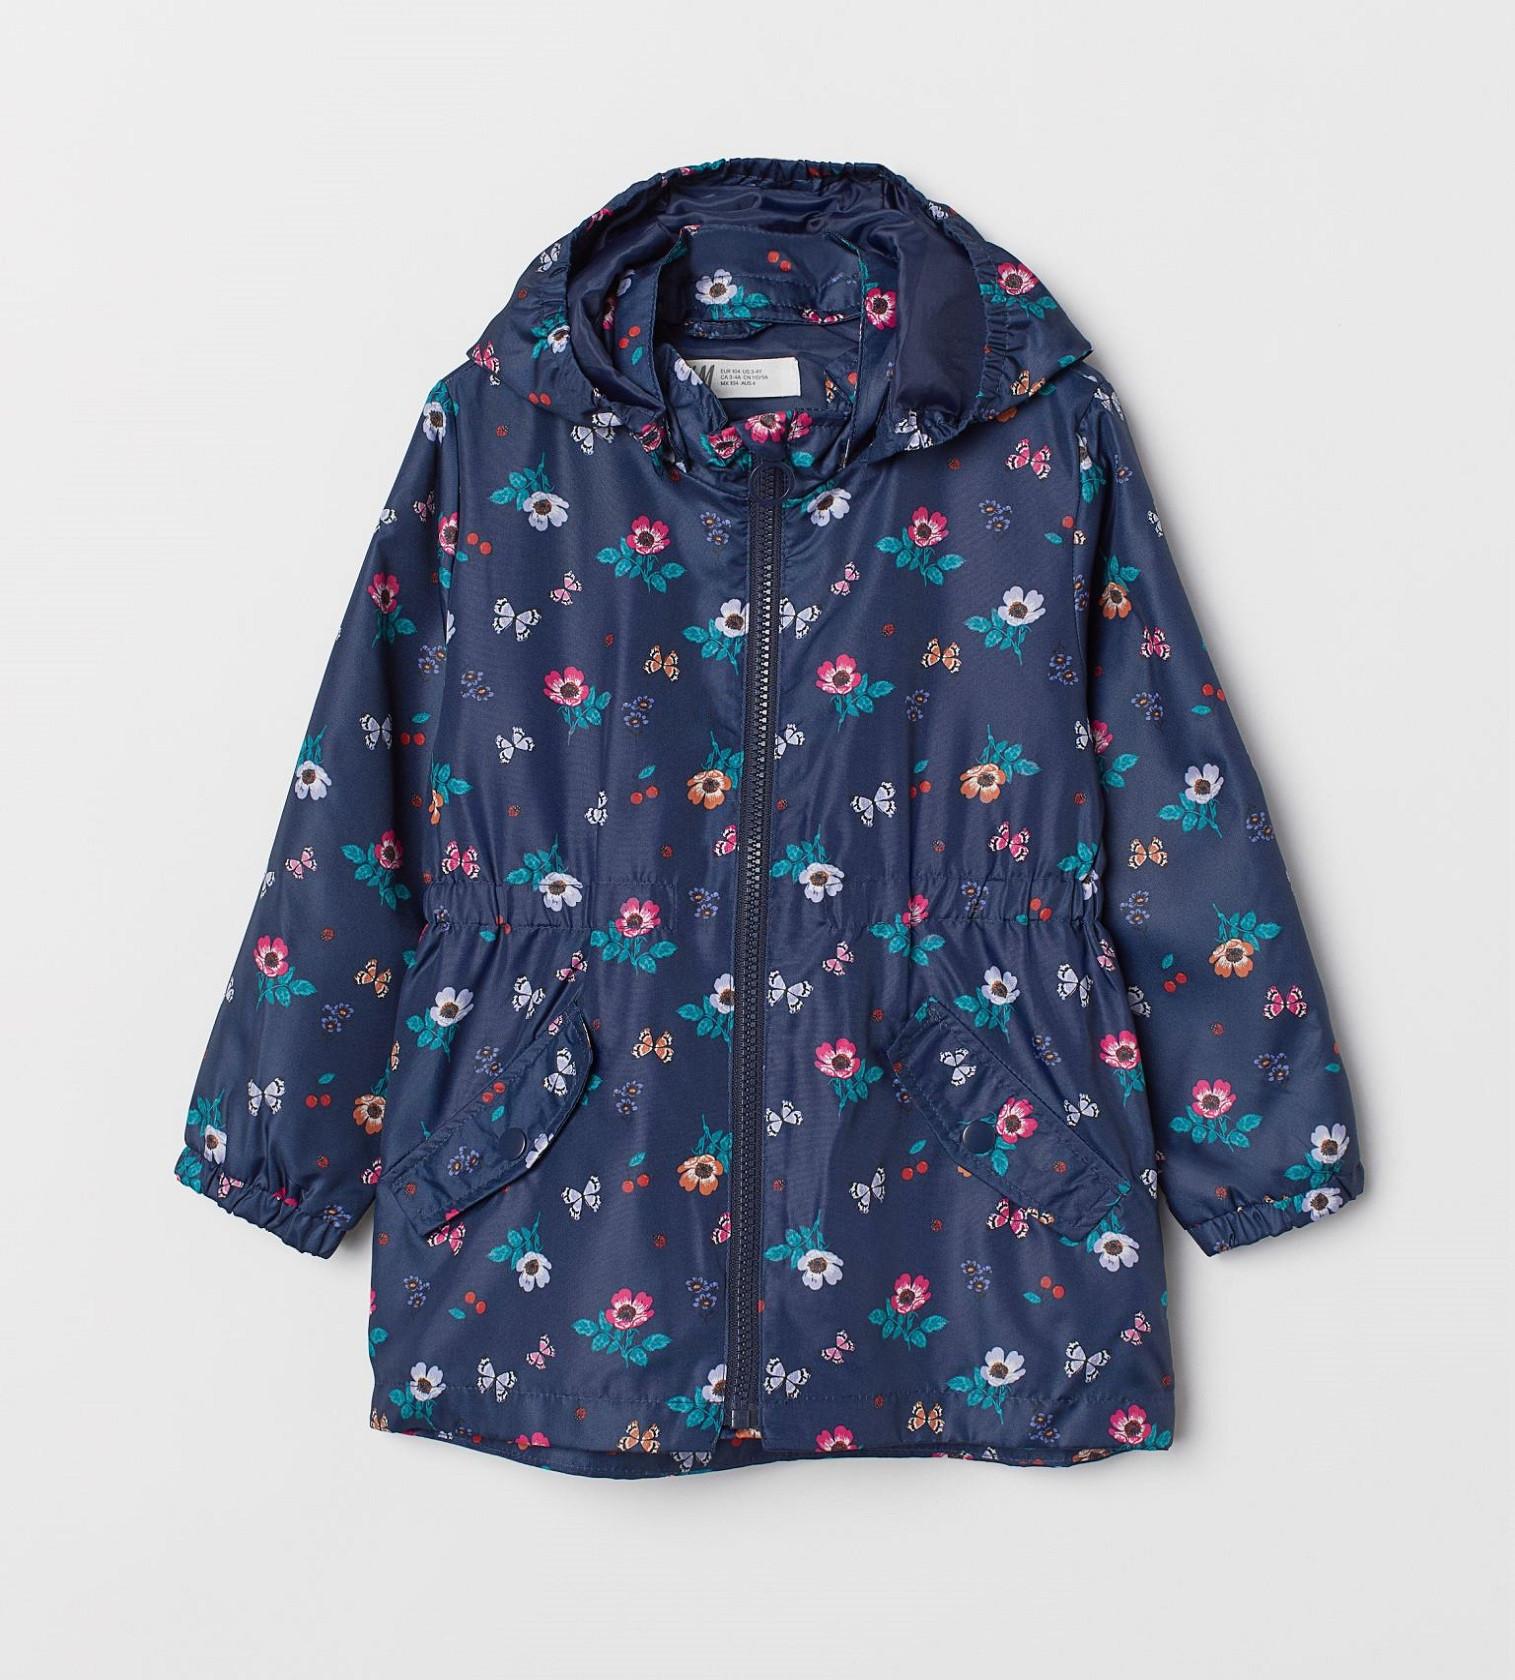 Купити Вітрівка H&M Темно-синій / Малюнок - фото 1